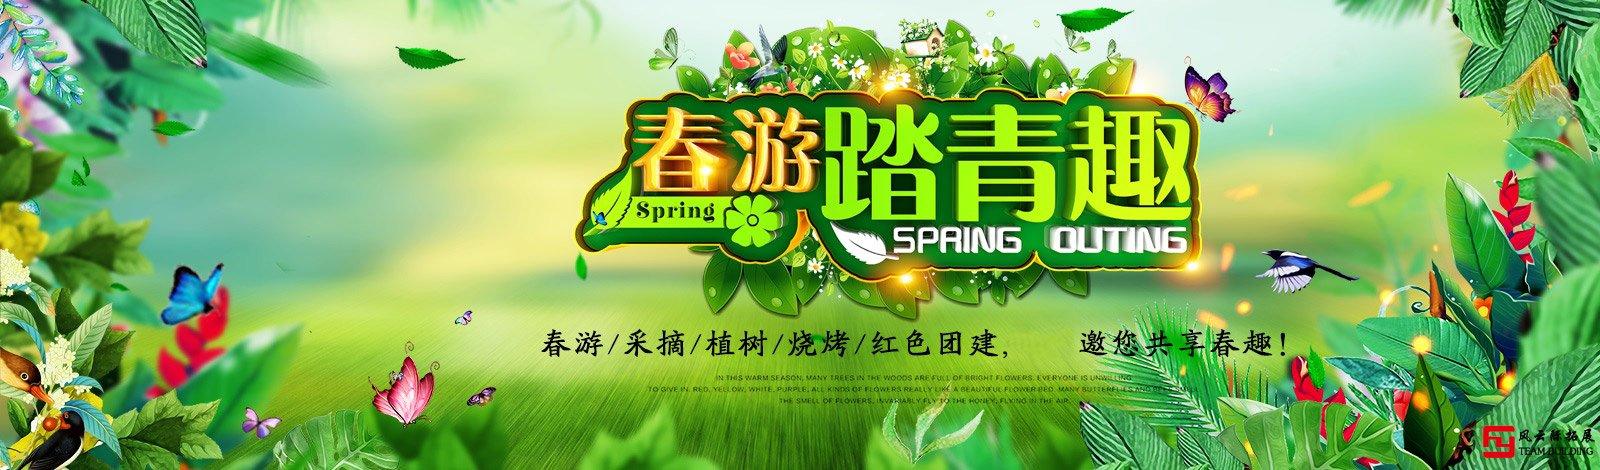 北京周边春游/植树/采摘